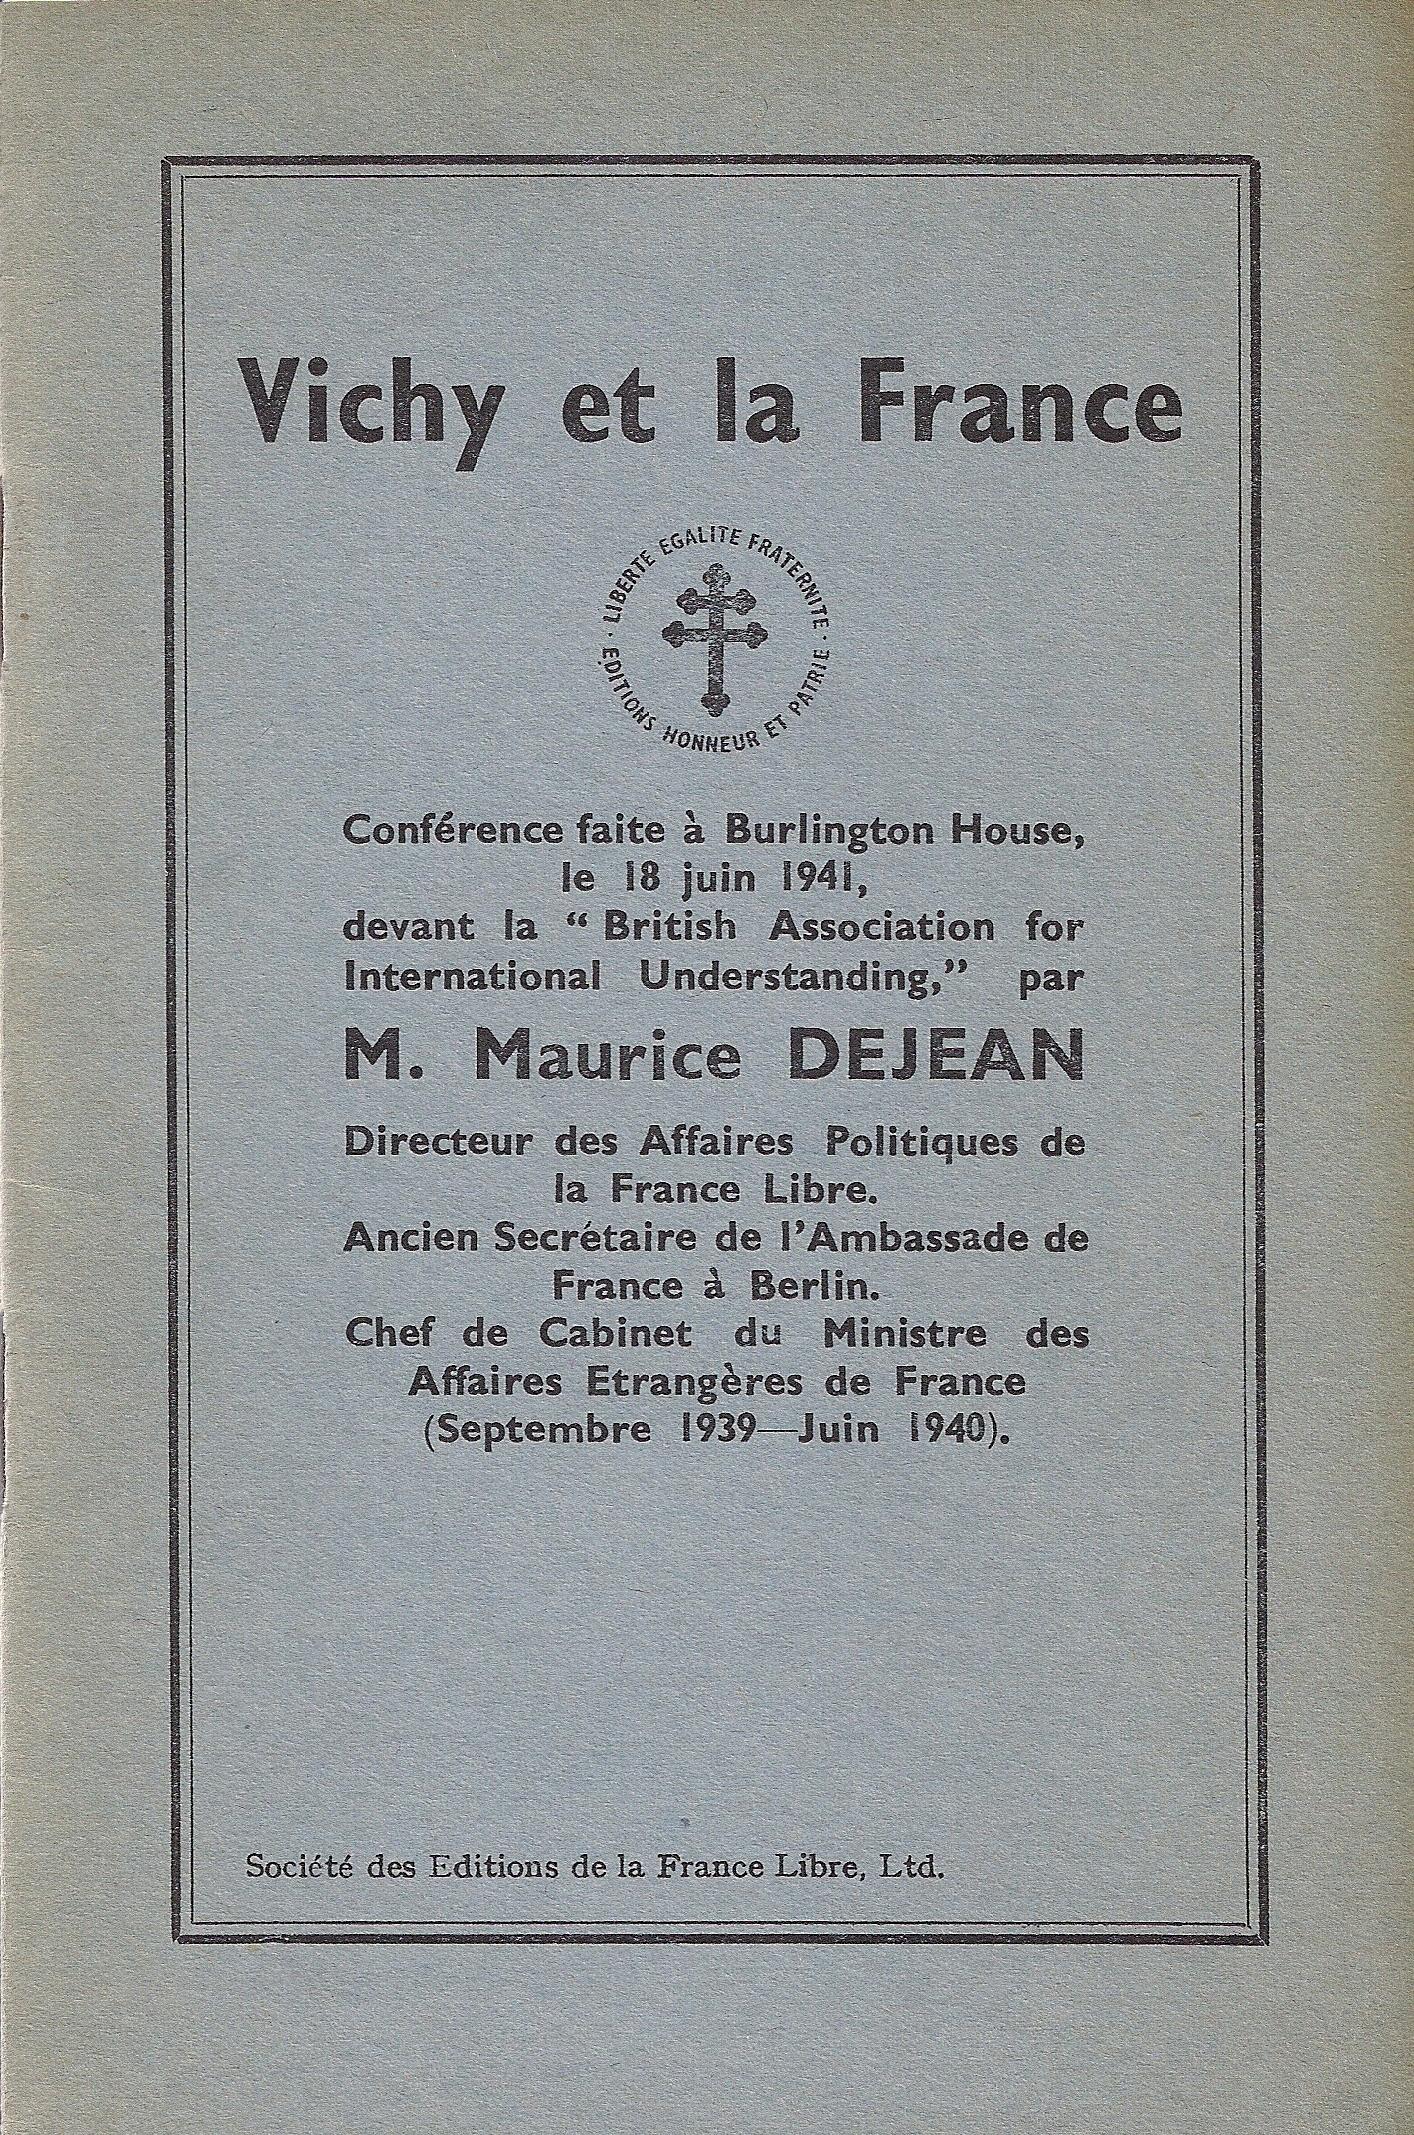 Vichy et la France